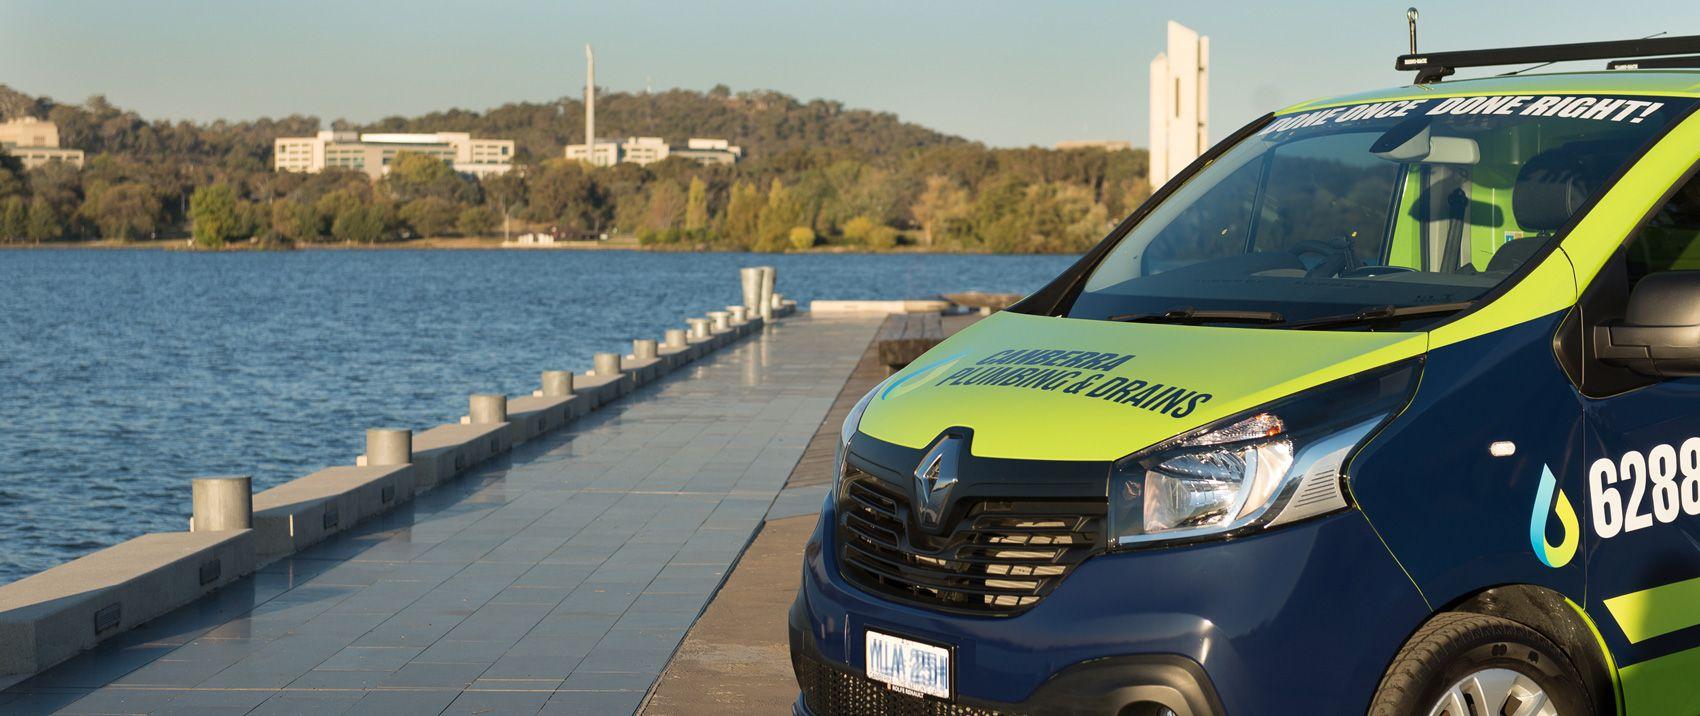 Plumbing van in Canberra area